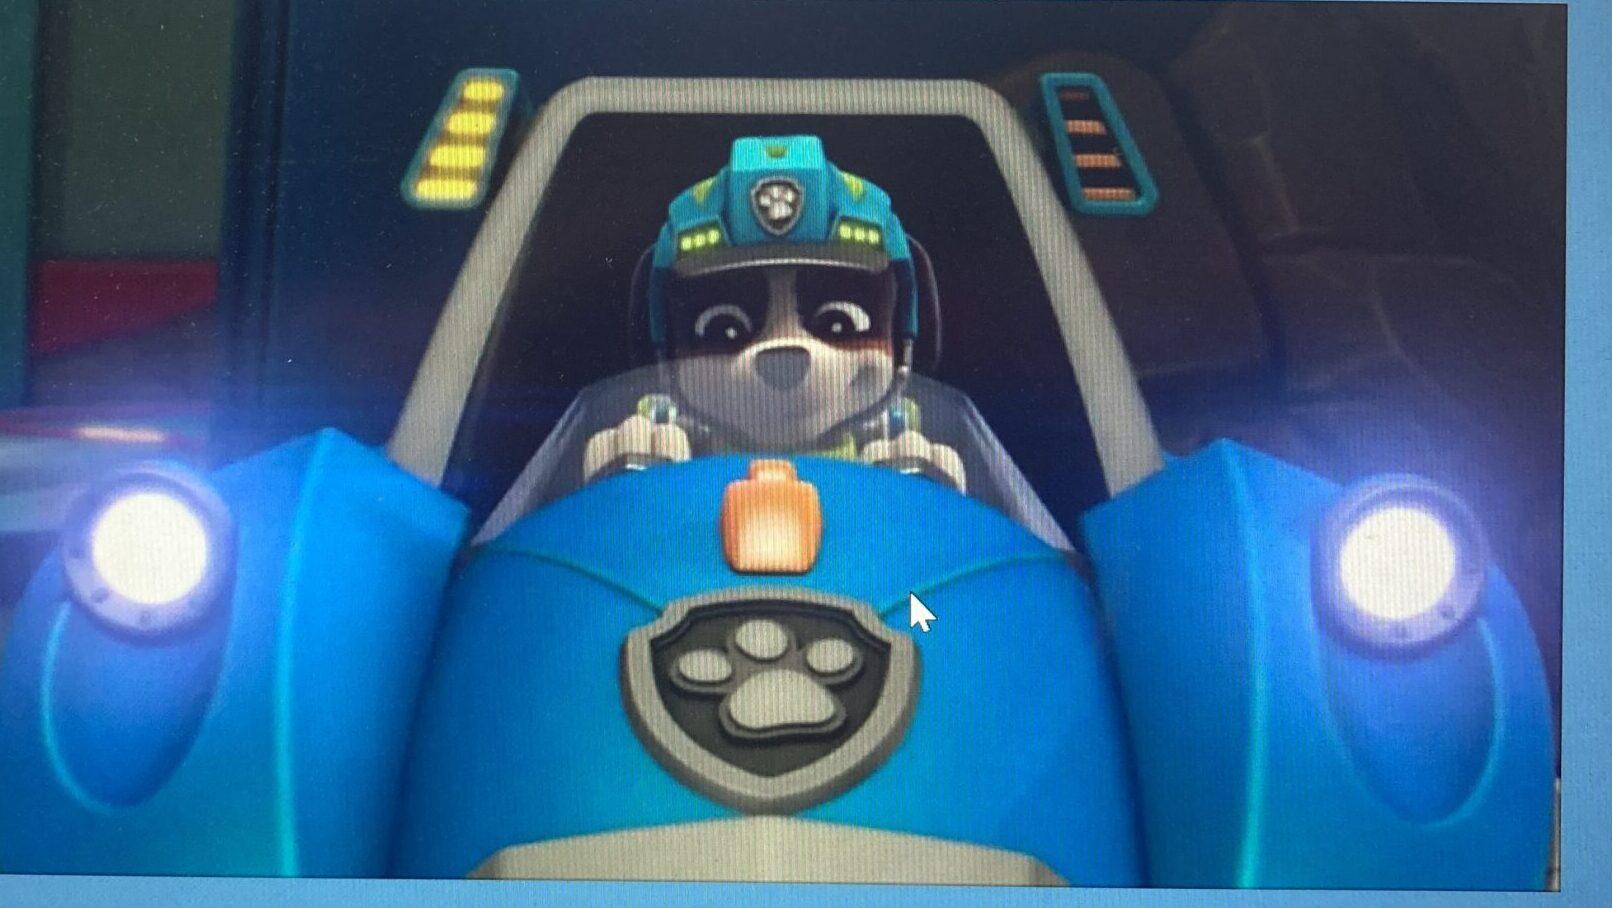 【パウパトロール】レックスは将来の新キャラなのか!?いつから?おもちゃは?犬種は?のイメージ画像2